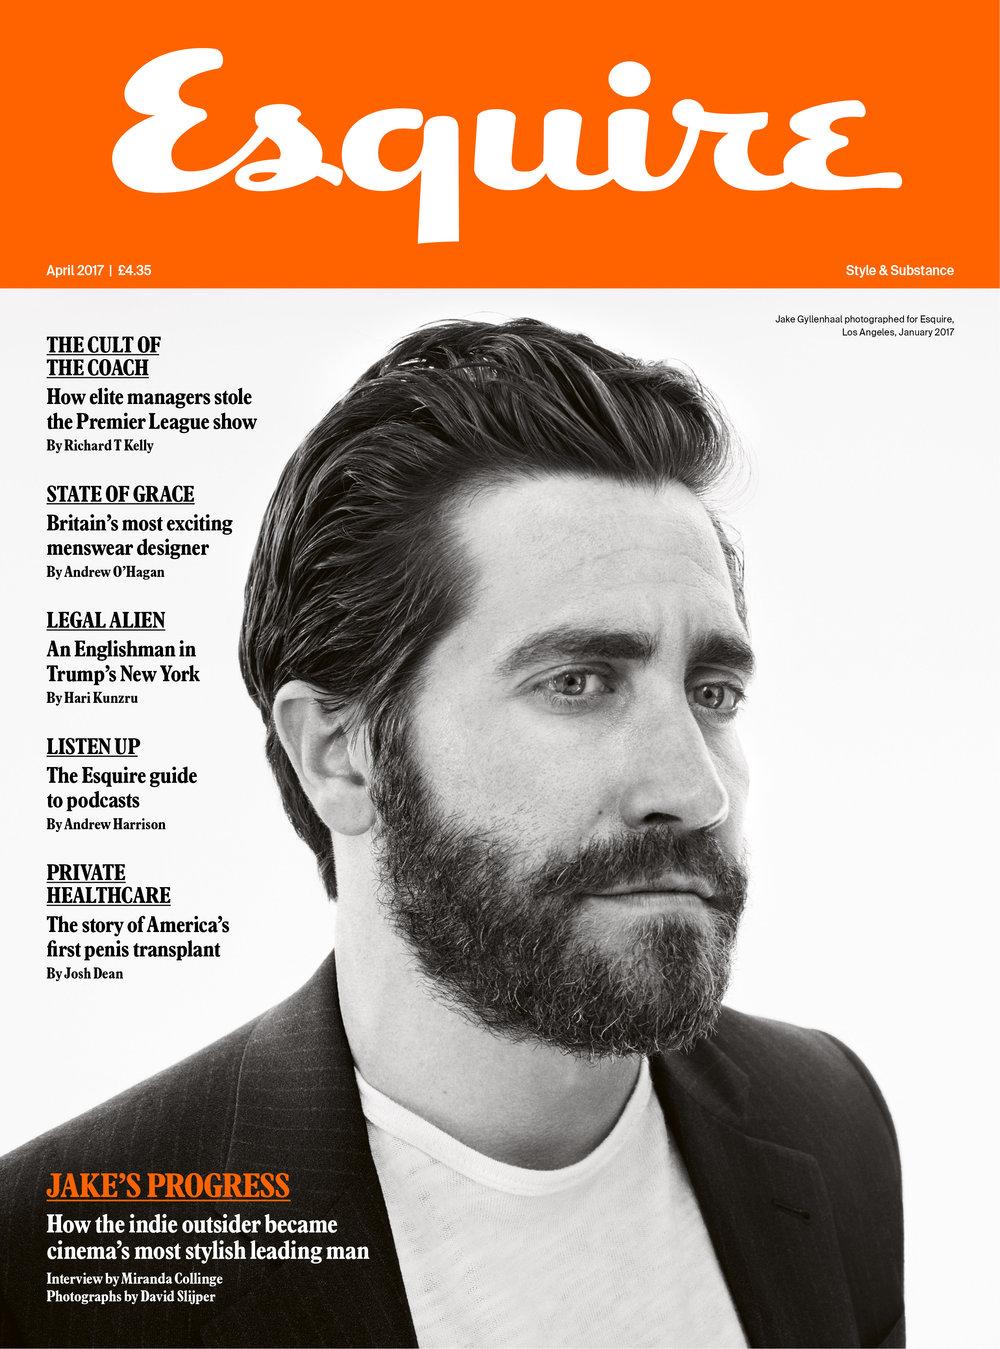 Jake Cover.jpg